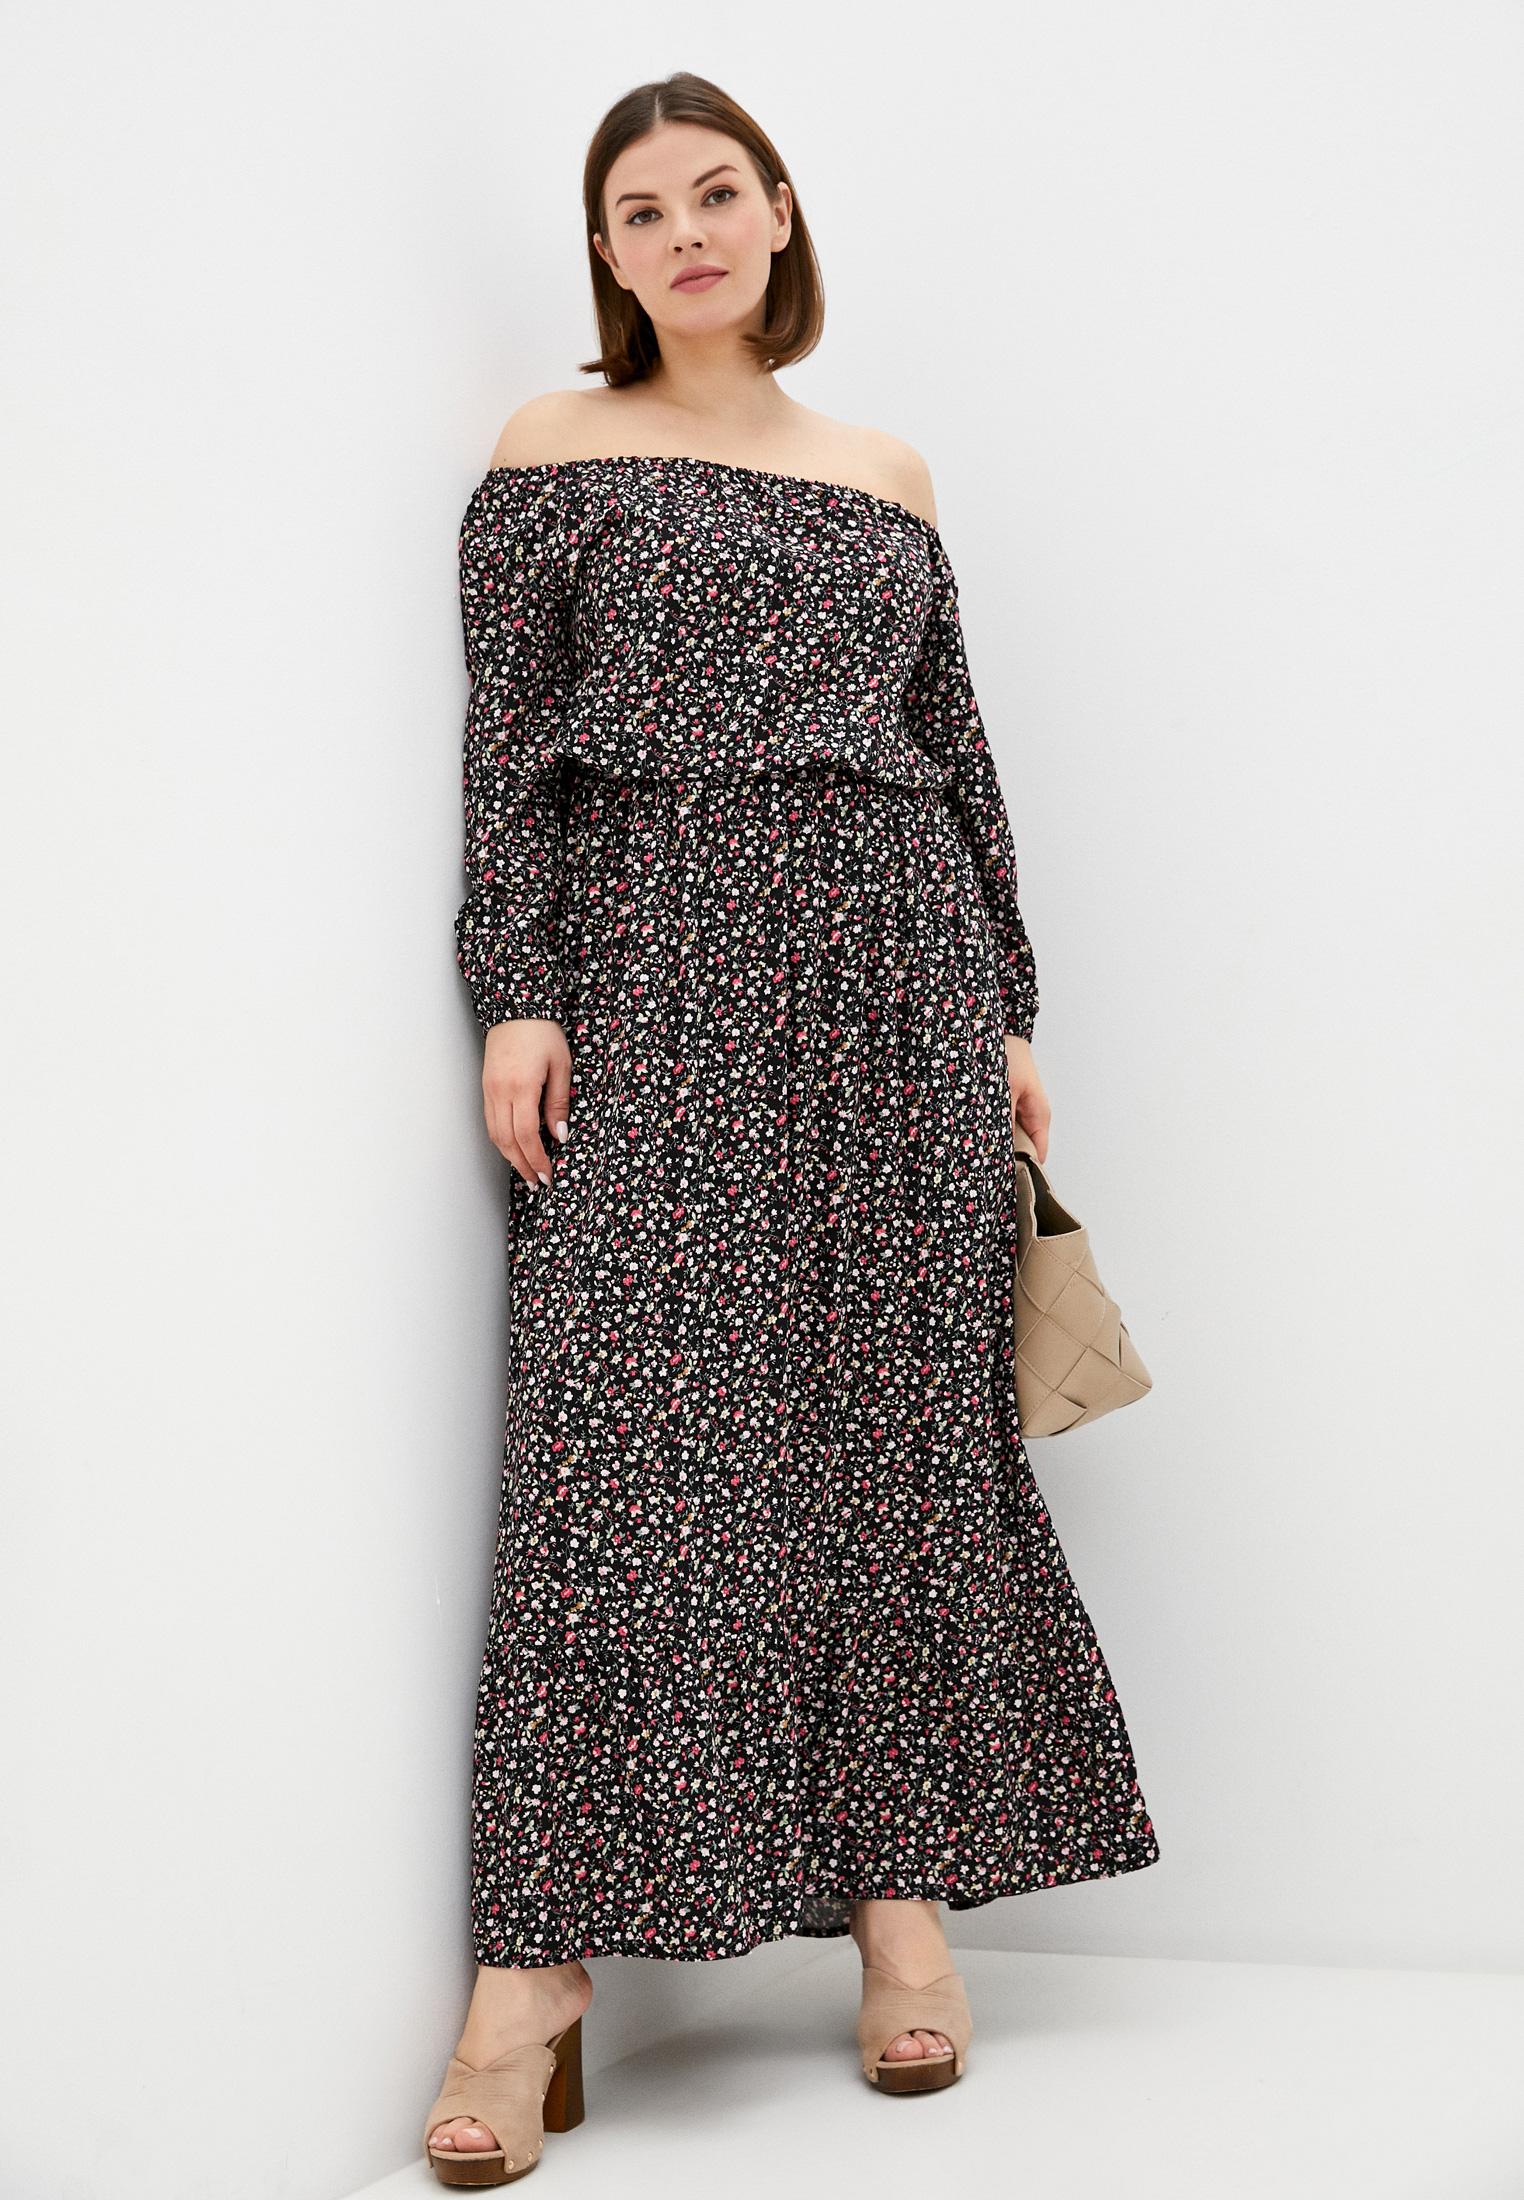 Повседневное платье Toku Tino TT8513026/